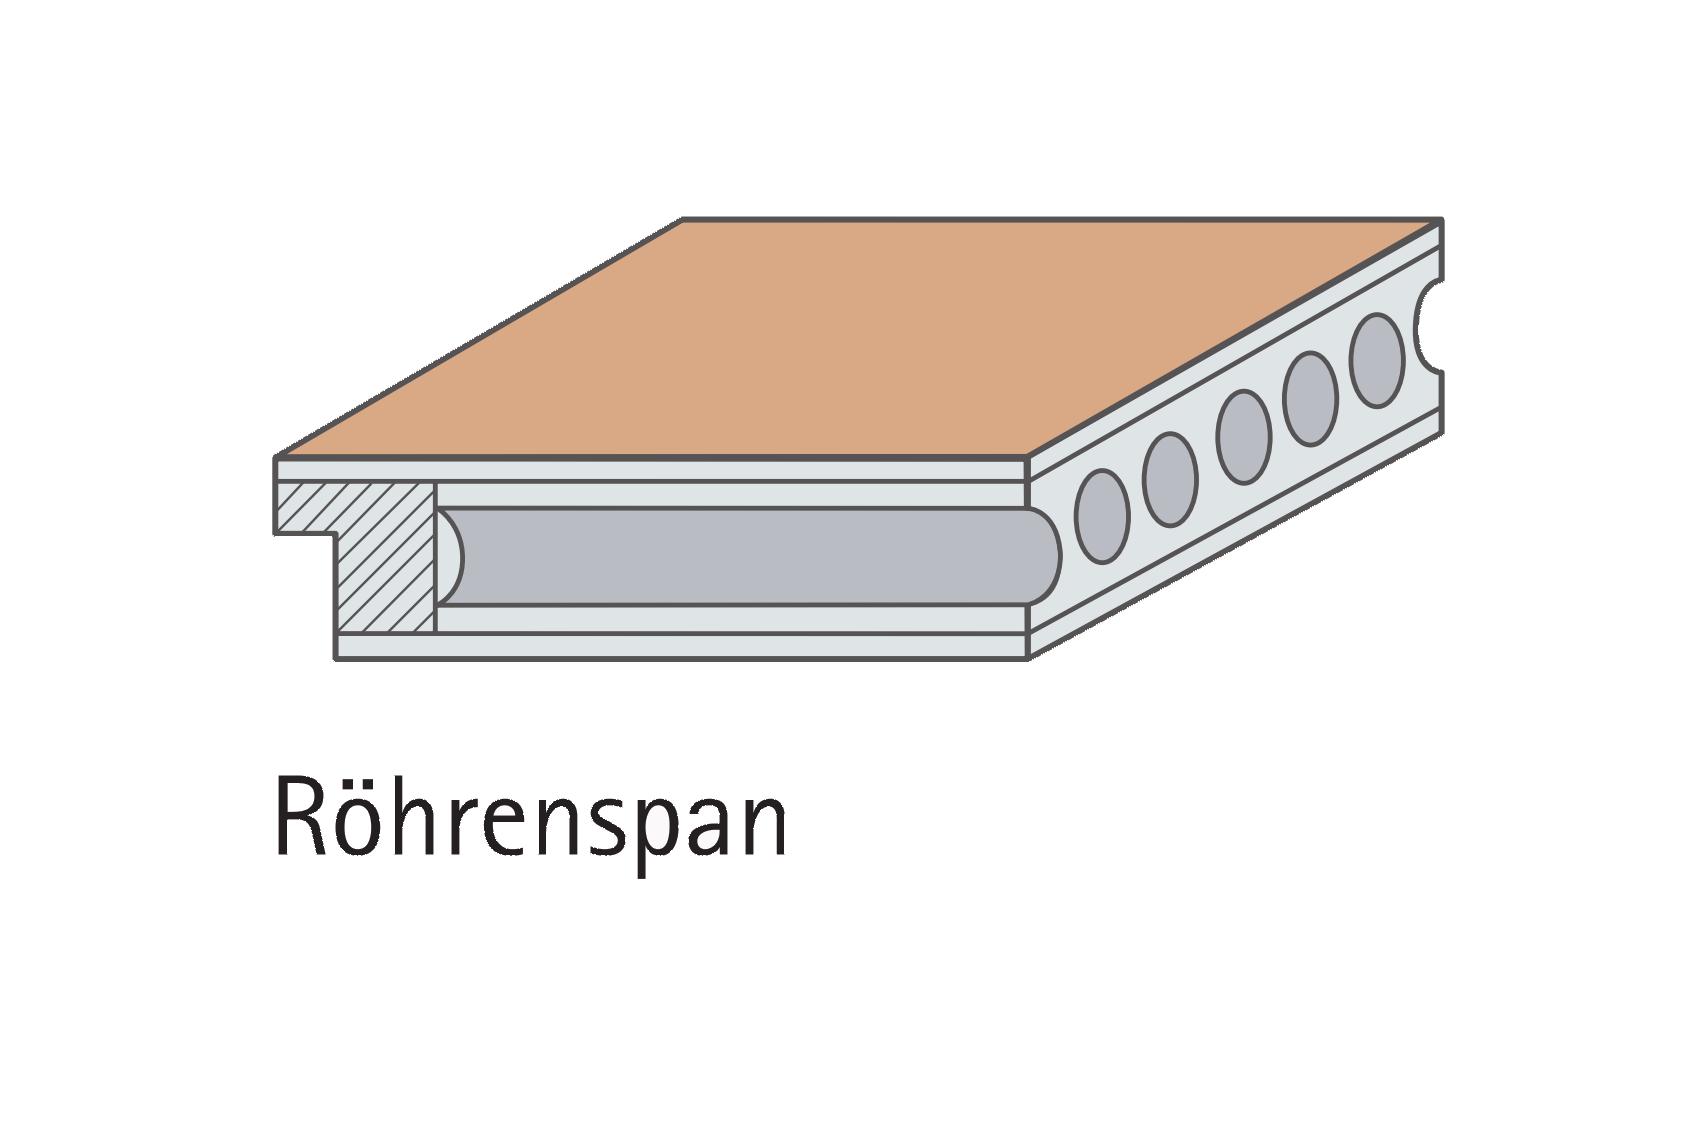 Daten: Element: nach DIN 18101 Oberfläche: CPL Ahorn mit fühlbarer Oberfläche Türblattstärke: ca. 40 mm Mittellage: hochwertige Röhrenspaneinlage Zarge: mit Rundkante